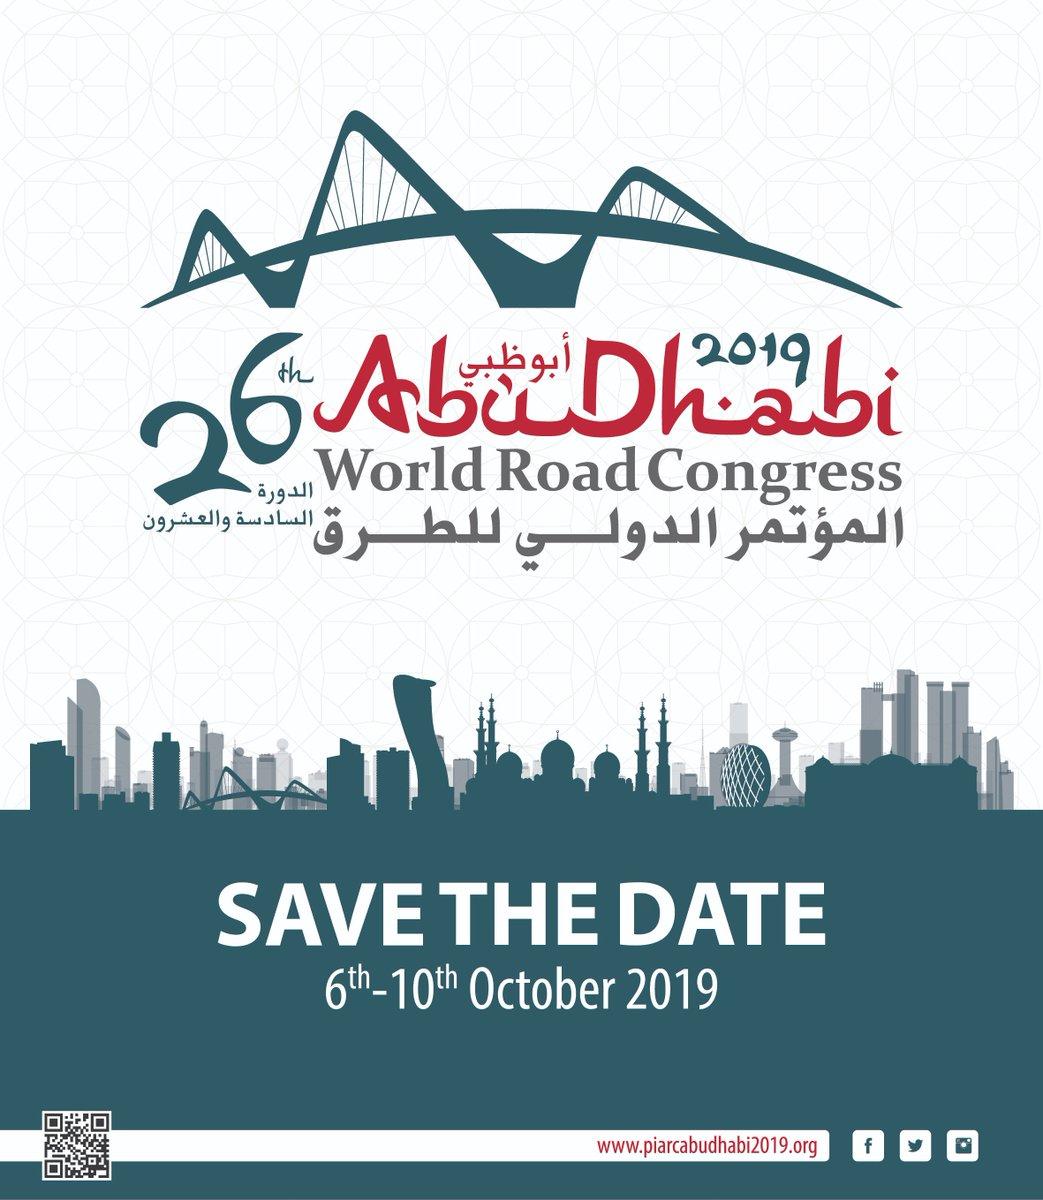 Congrès mondial de la Route à Abou Dhabi : le programme est disponible!  Téléchargez-le ici : https://bit.ly/2EMKSS5 Informations complètes ici : https://bit.ly/2SlyCwo  @PIARC_Roads @PIARCabudhabi19